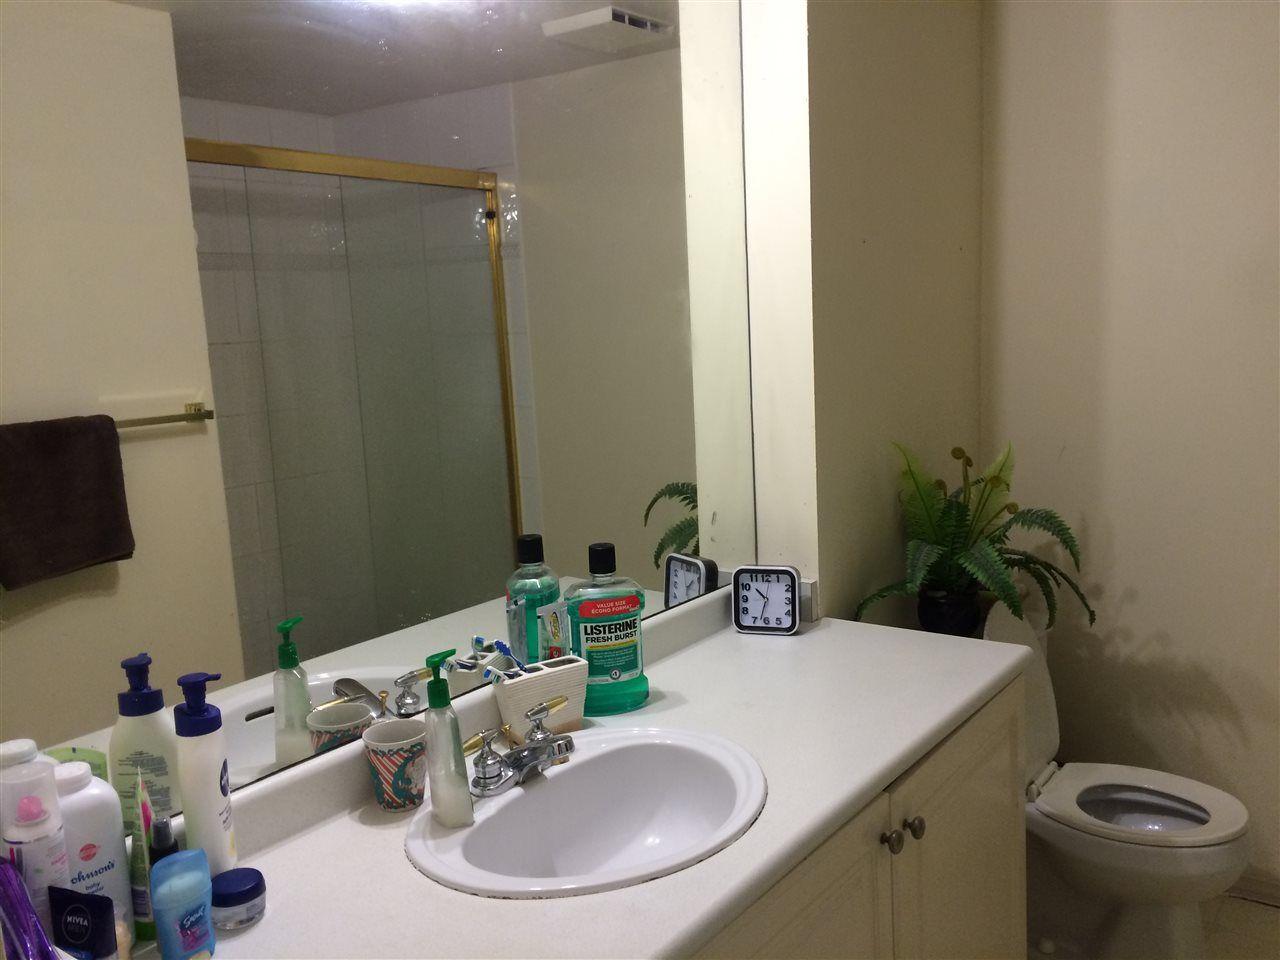 Photo 16: Photos: 106 15150 108TH AVENUE in Surrey: Bolivar Heights Condo for sale (North Surrey)  : MLS®# R2148396